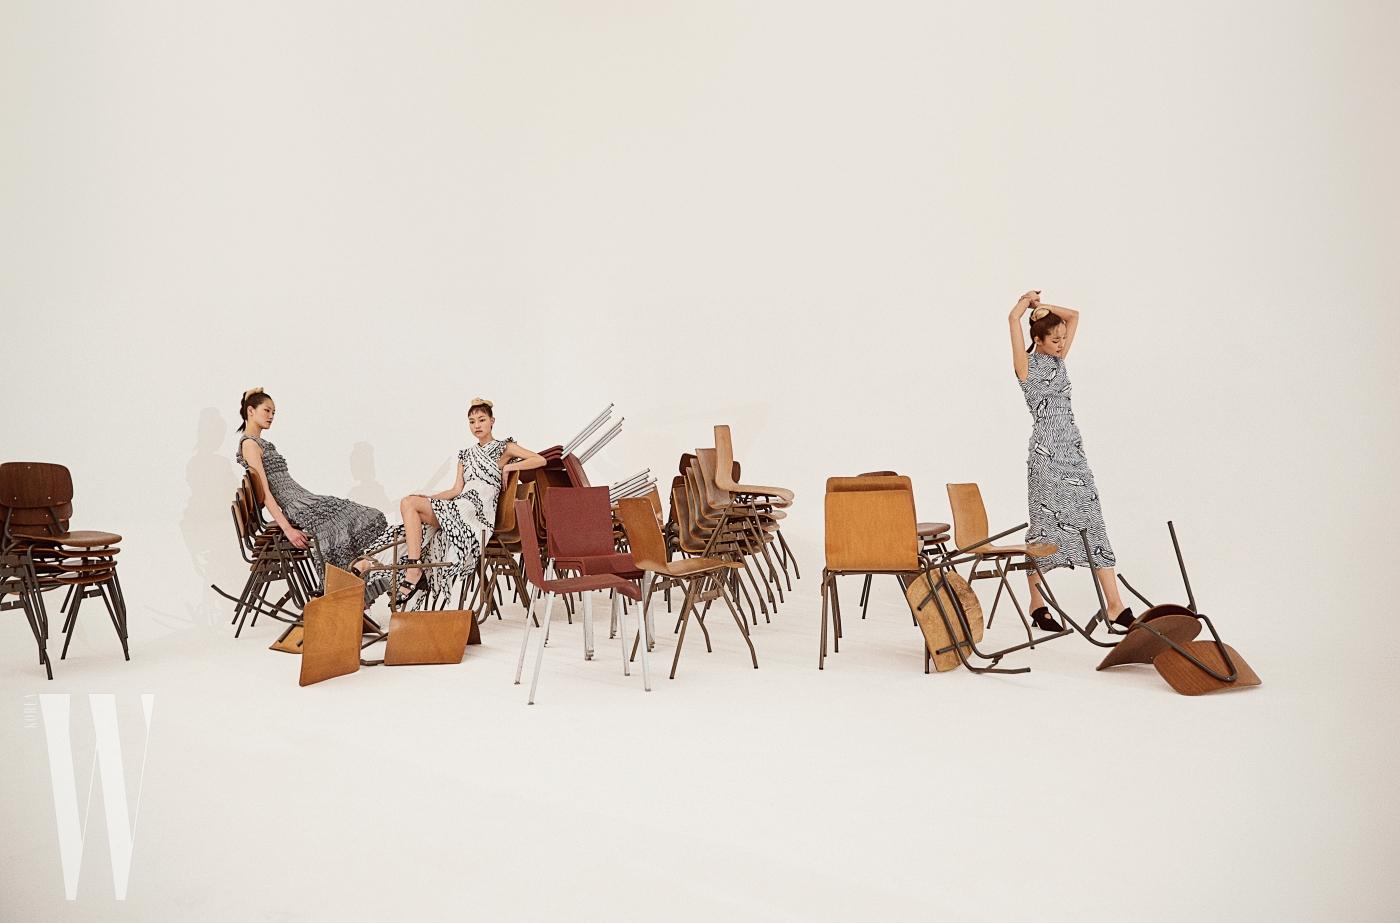 왼쪽부터ㅣ퐁리가 입은 드레스는 Molly Goddard by Boon the Shop, 징징이 입은 프린트 드레스는 Proenza Schouler, 슈즈는 Lucky Chouette, 곽지영이 입은 물결무늬 드레스, 슈즈는 모두 Sportmax 제품.